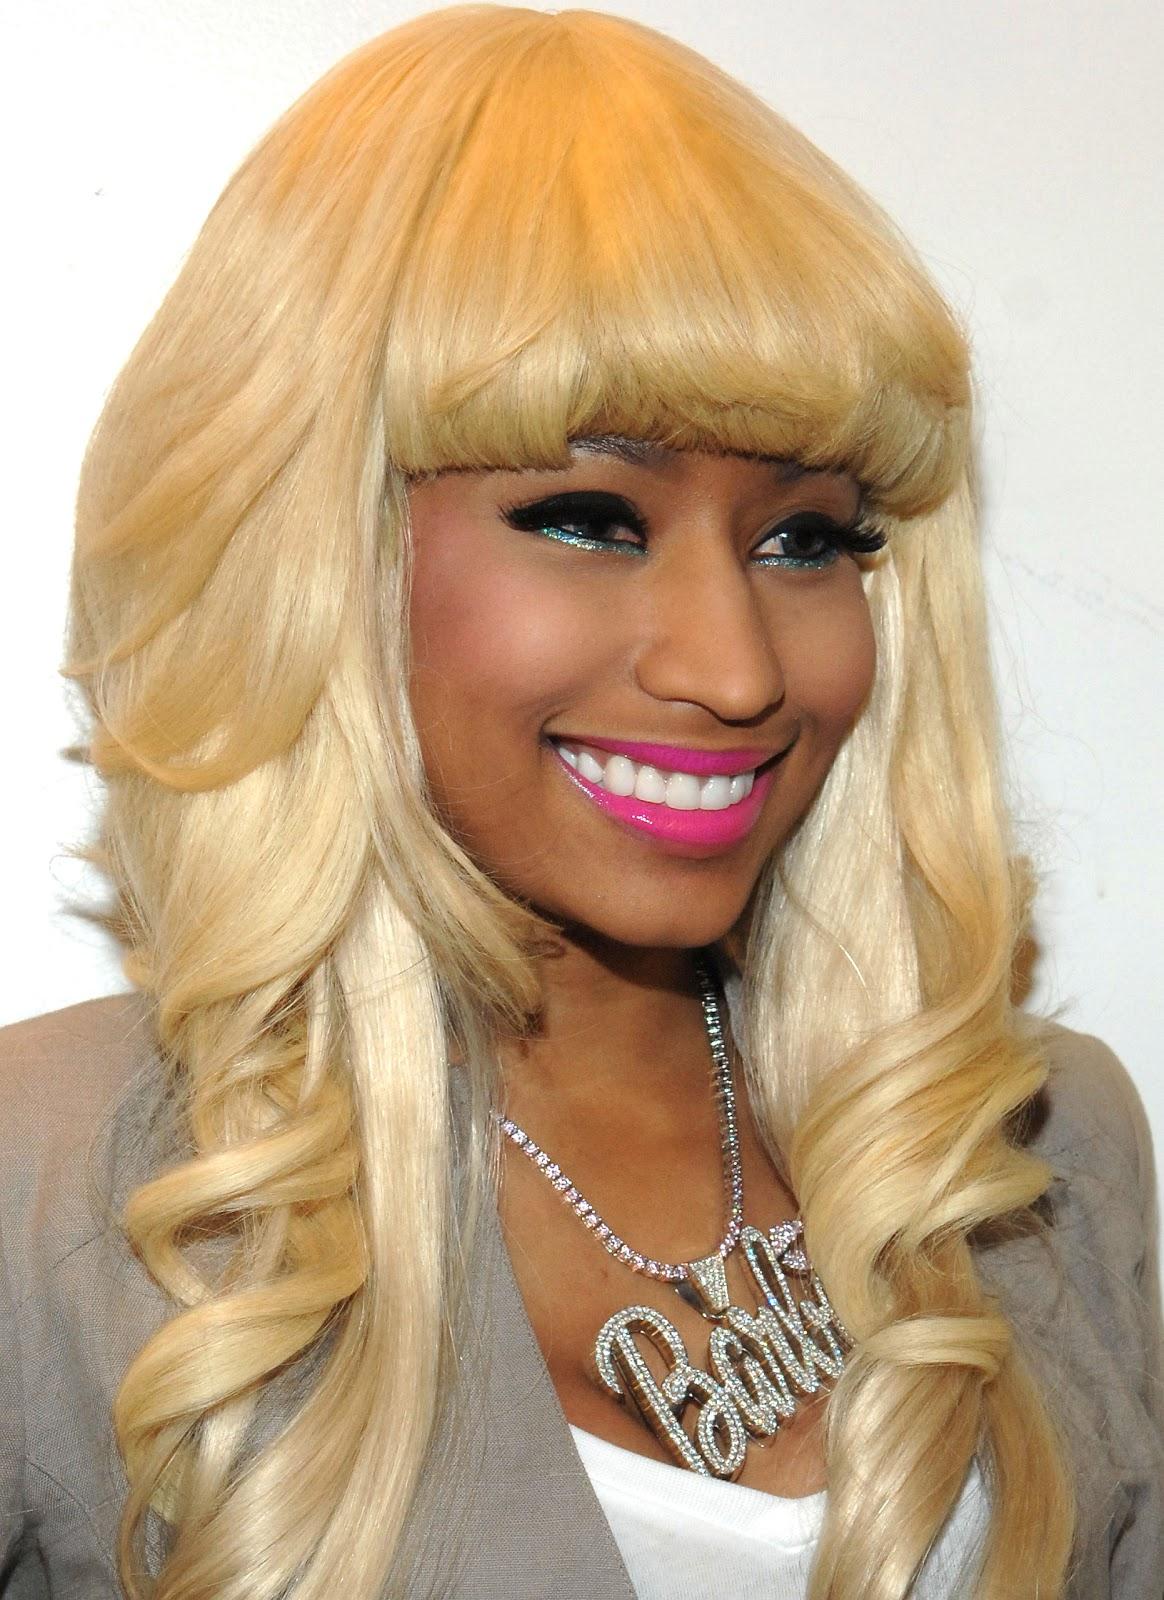 http://2.bp.blogspot.com/-VLlzUJrPsJA/TZ03aYTZ2HI/AAAAAAAABAE/HEy5X-9WDbA/s1600/Nicki+Minaj.jpg